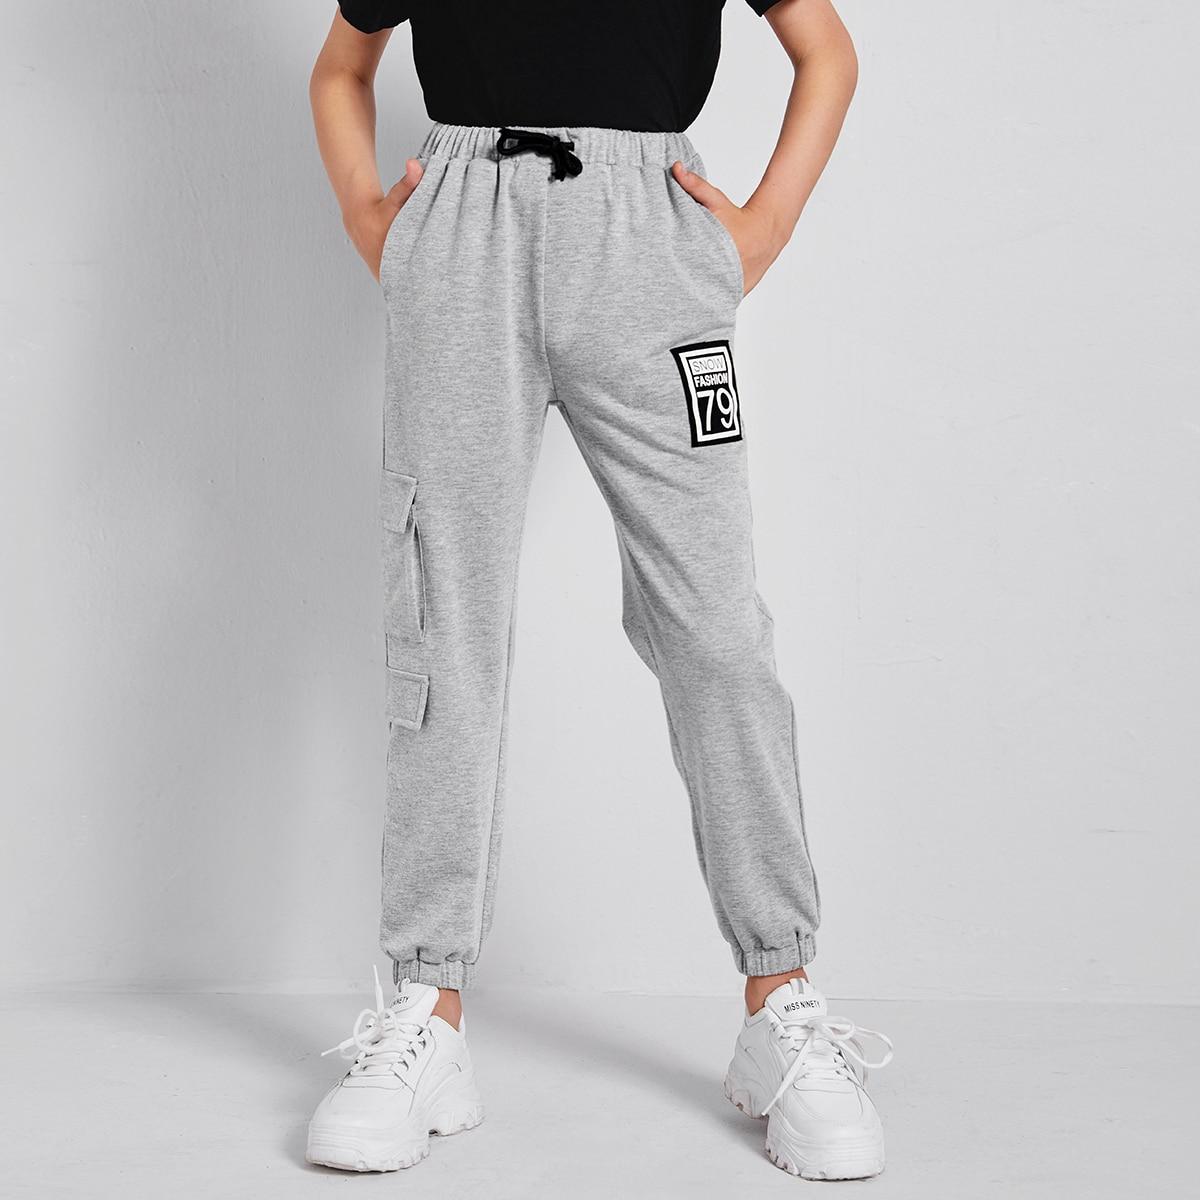 Спортивные брюки с карманом и текстовой заплатой для мальчиков от SHEIN